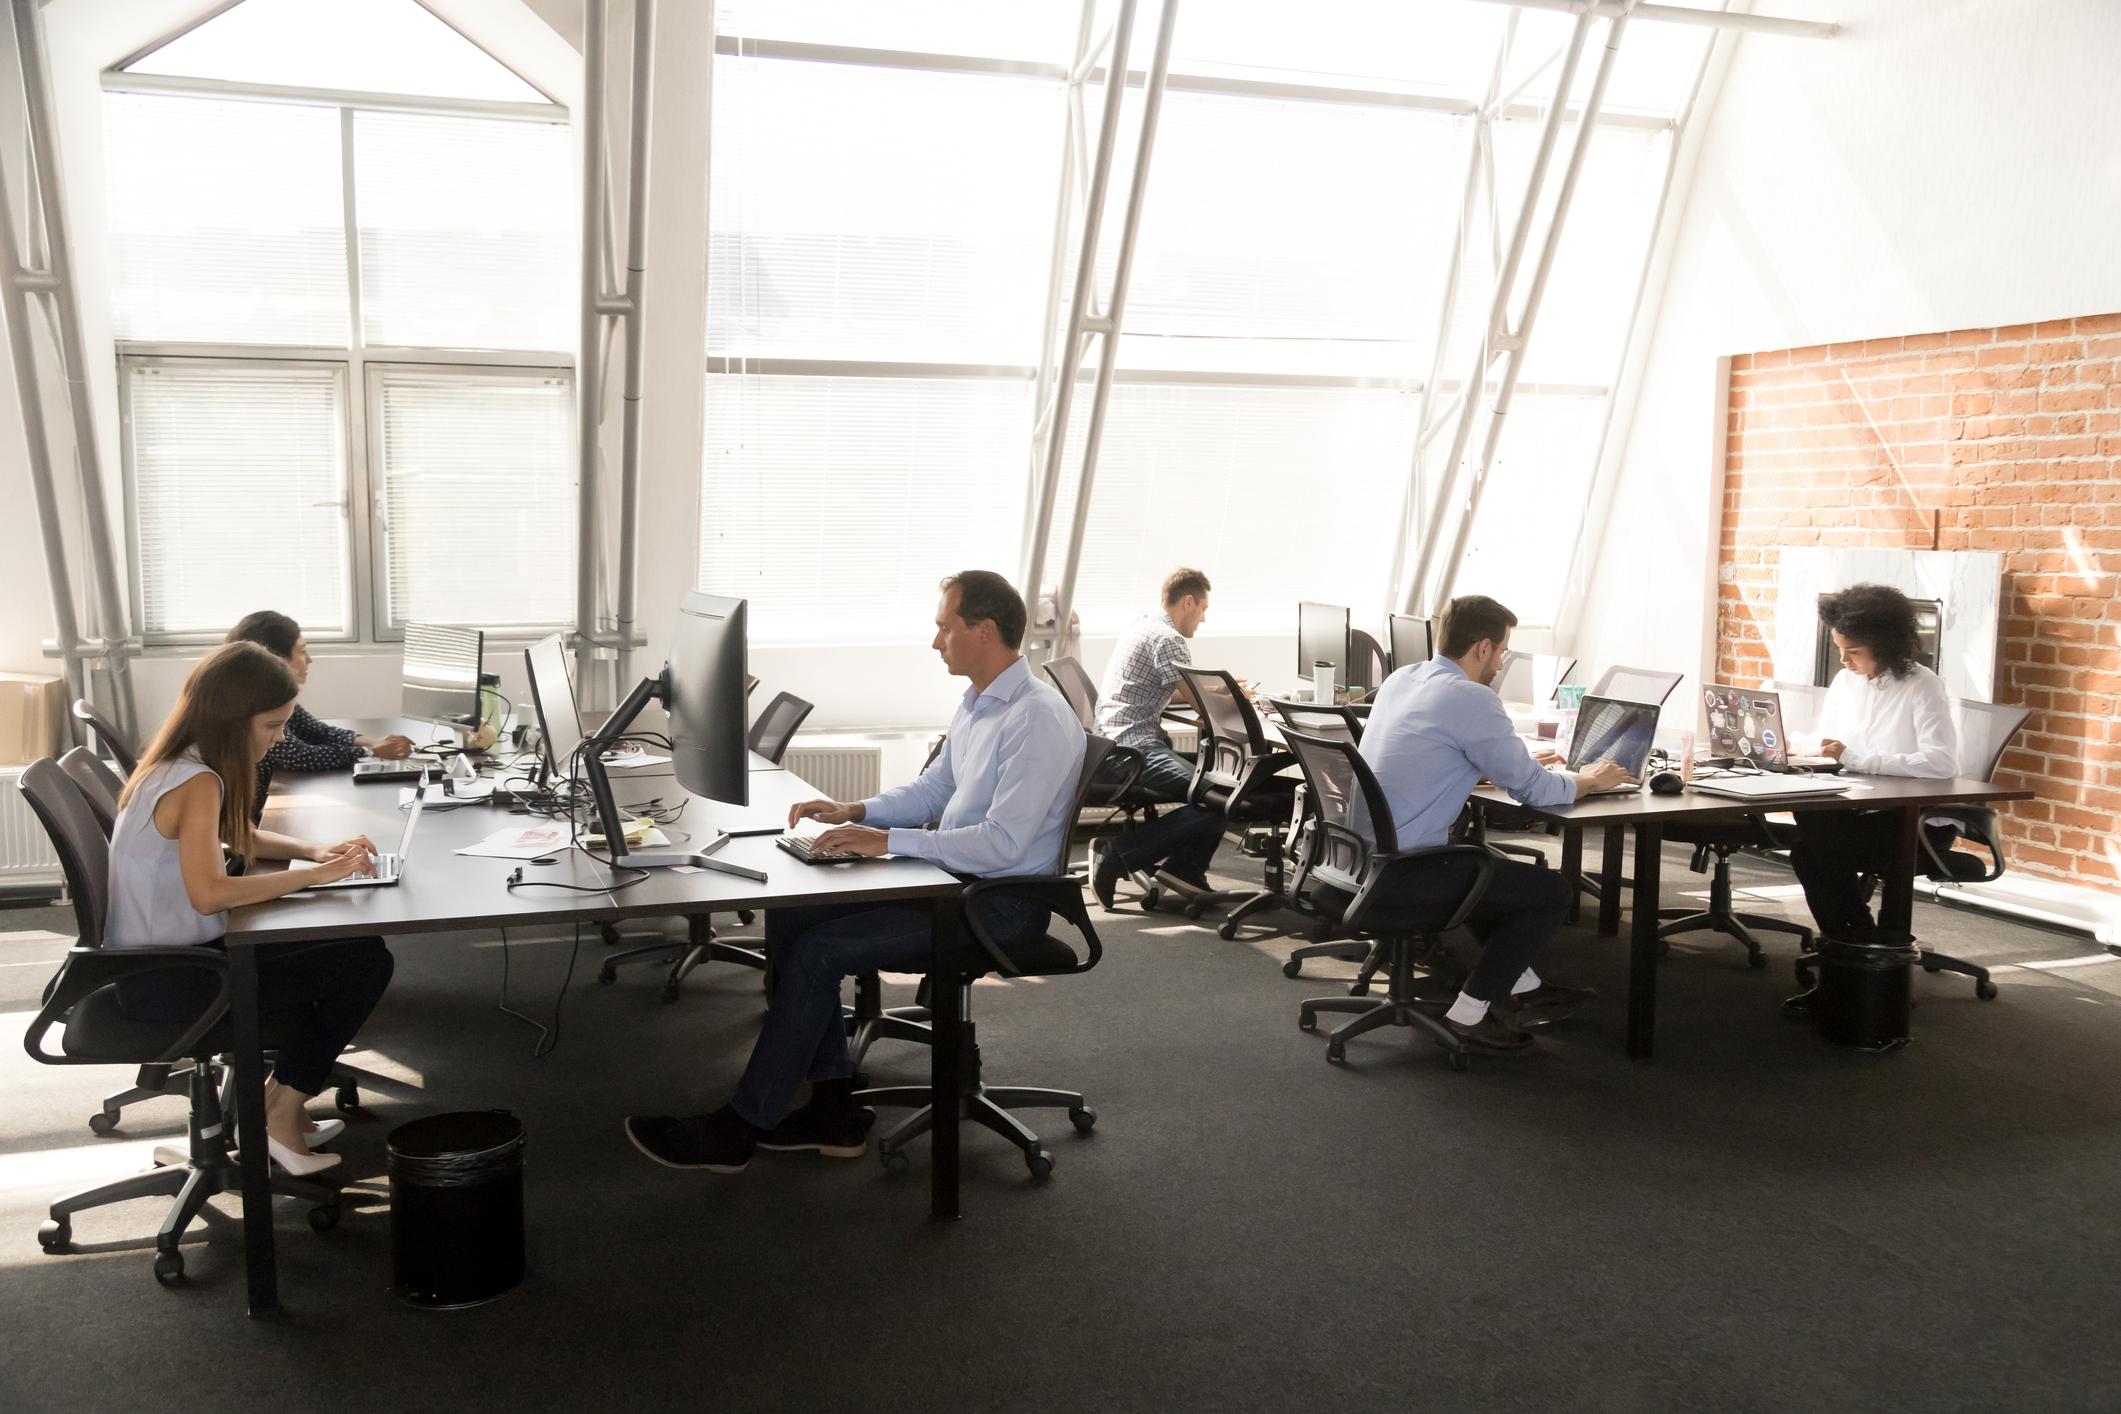 Число работников малых и средних предприятий за год уменьшилось на 800 тысяч